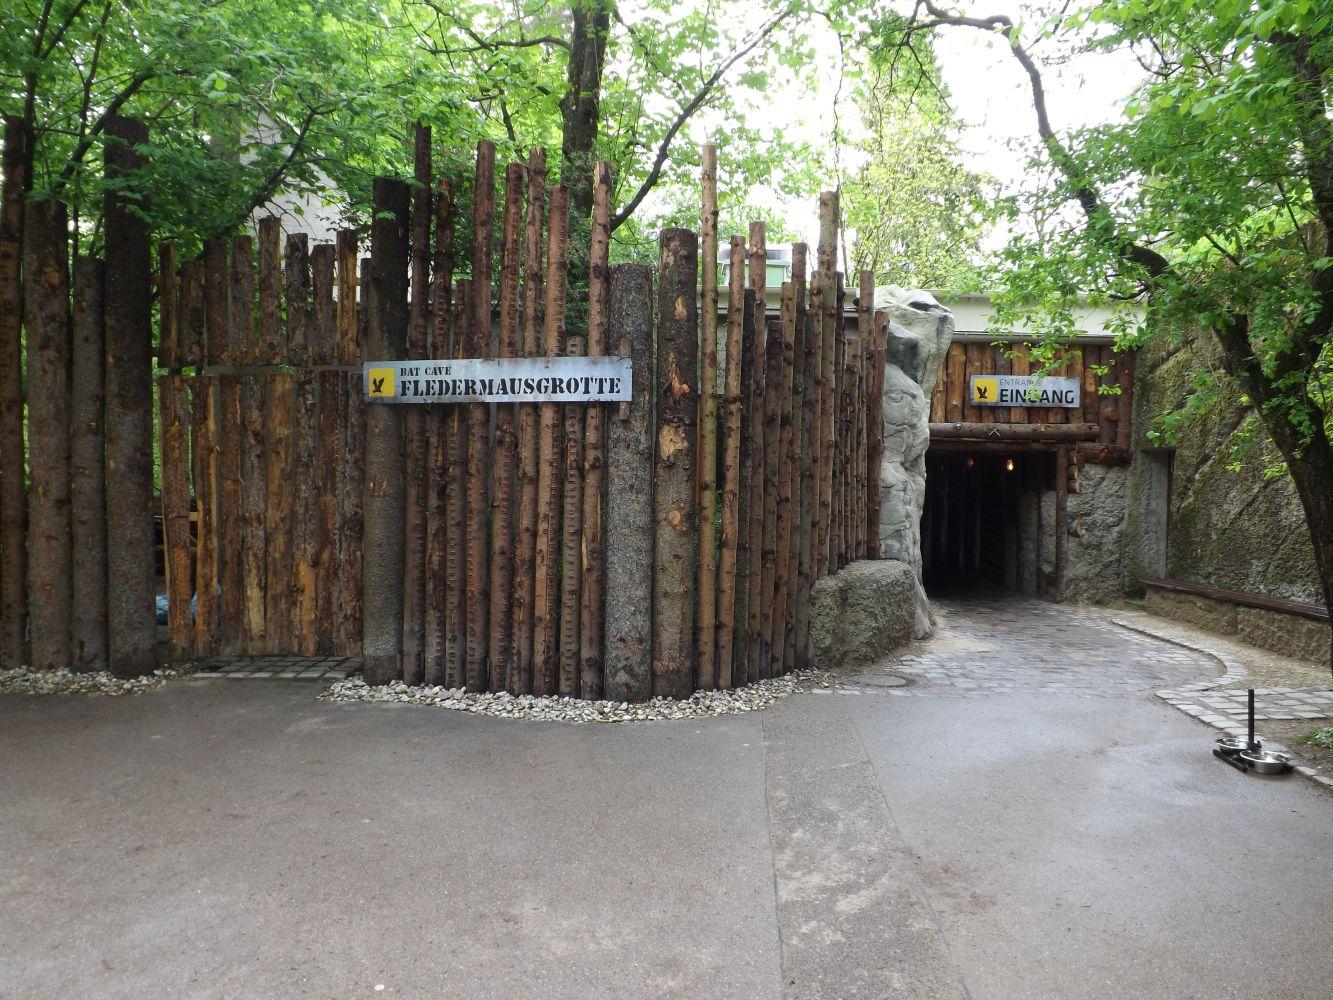 Fledermausgrotte, Eingang (Tierpark Hellabrunn)